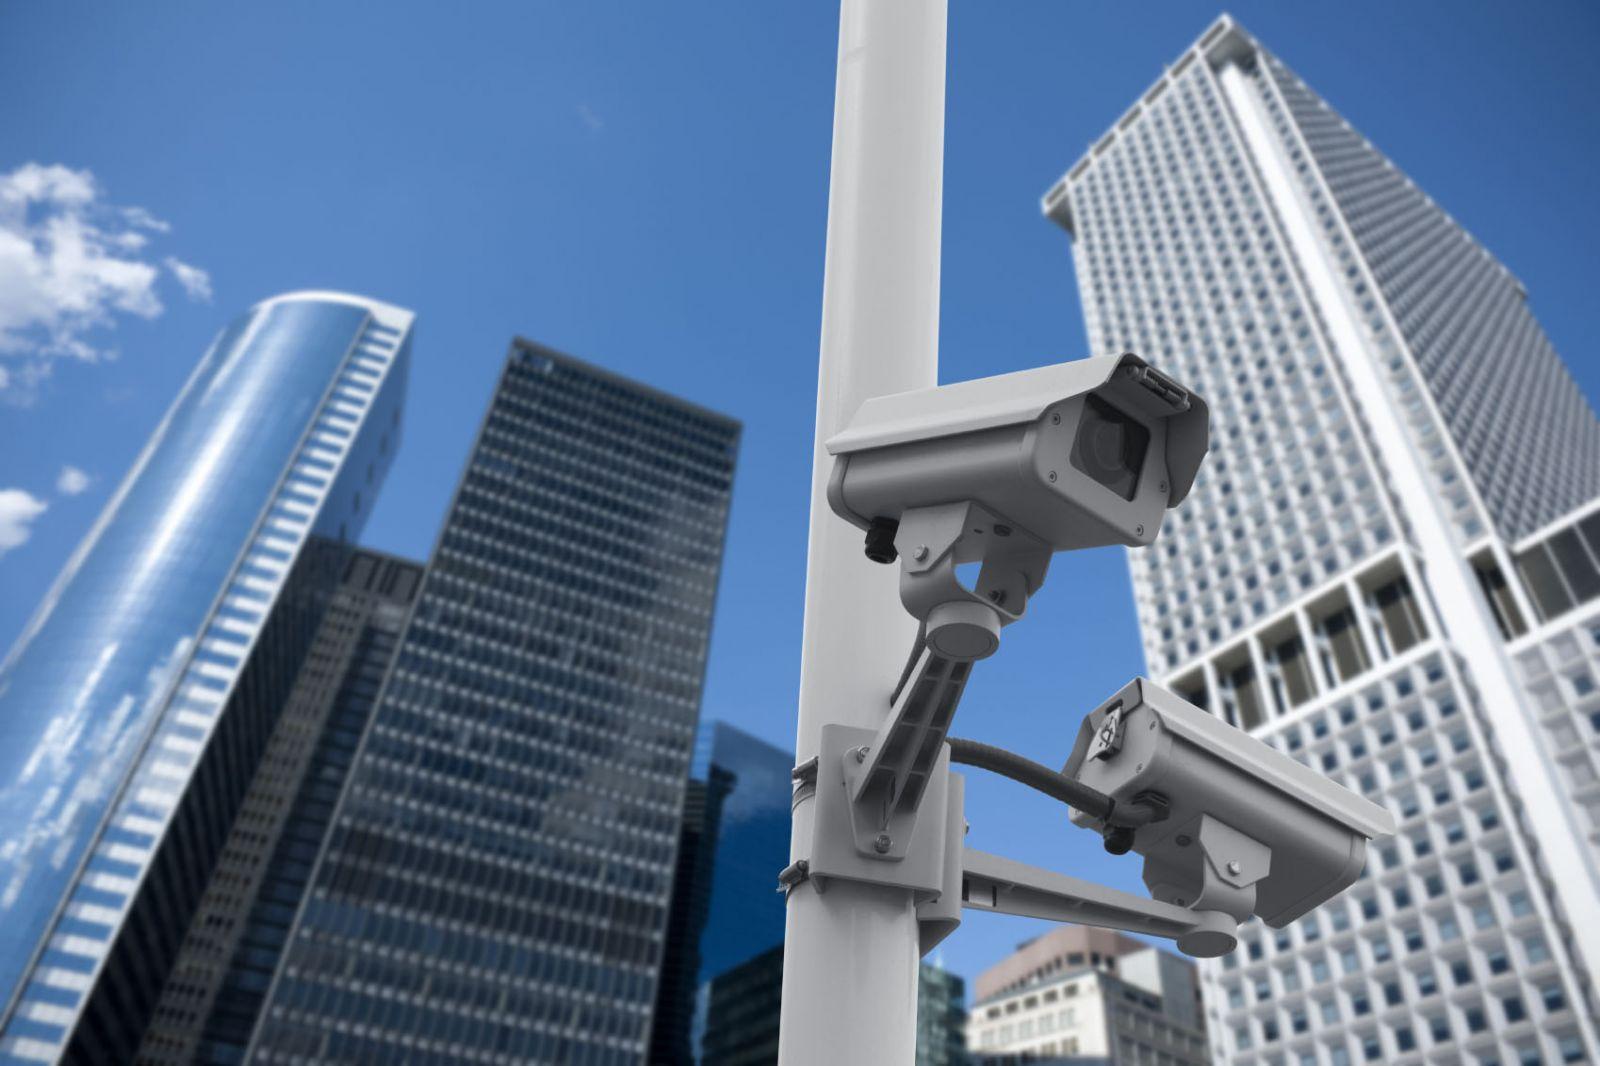 giải pháp camera quan sát giá rẻ chất lượng chính hãng tphcm